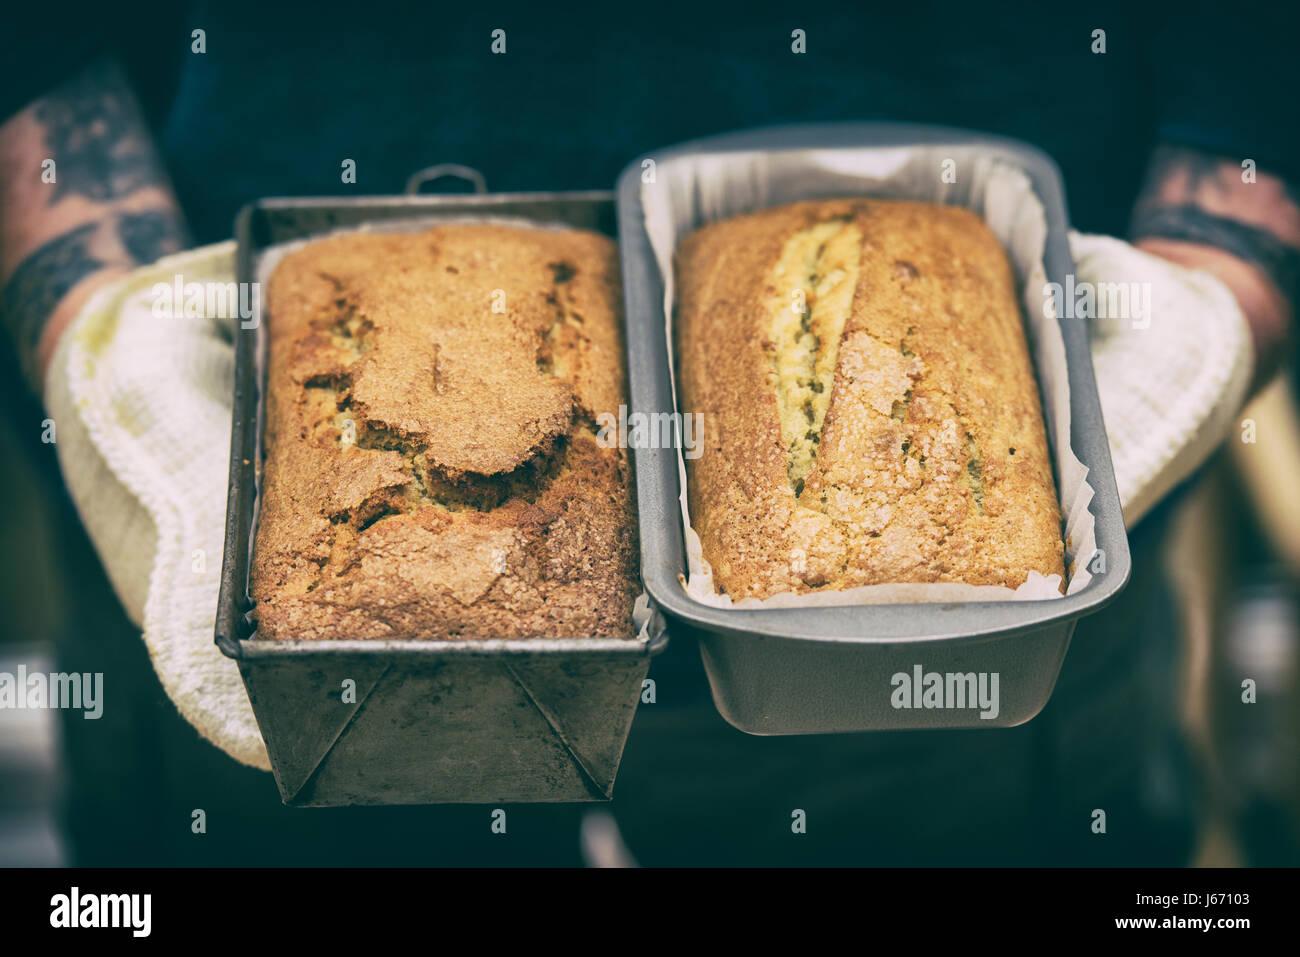 Bananes au four gâteaux dont l'un est sans gluten et l'autre est un réglage cuisson. Appliquer Photo Stock